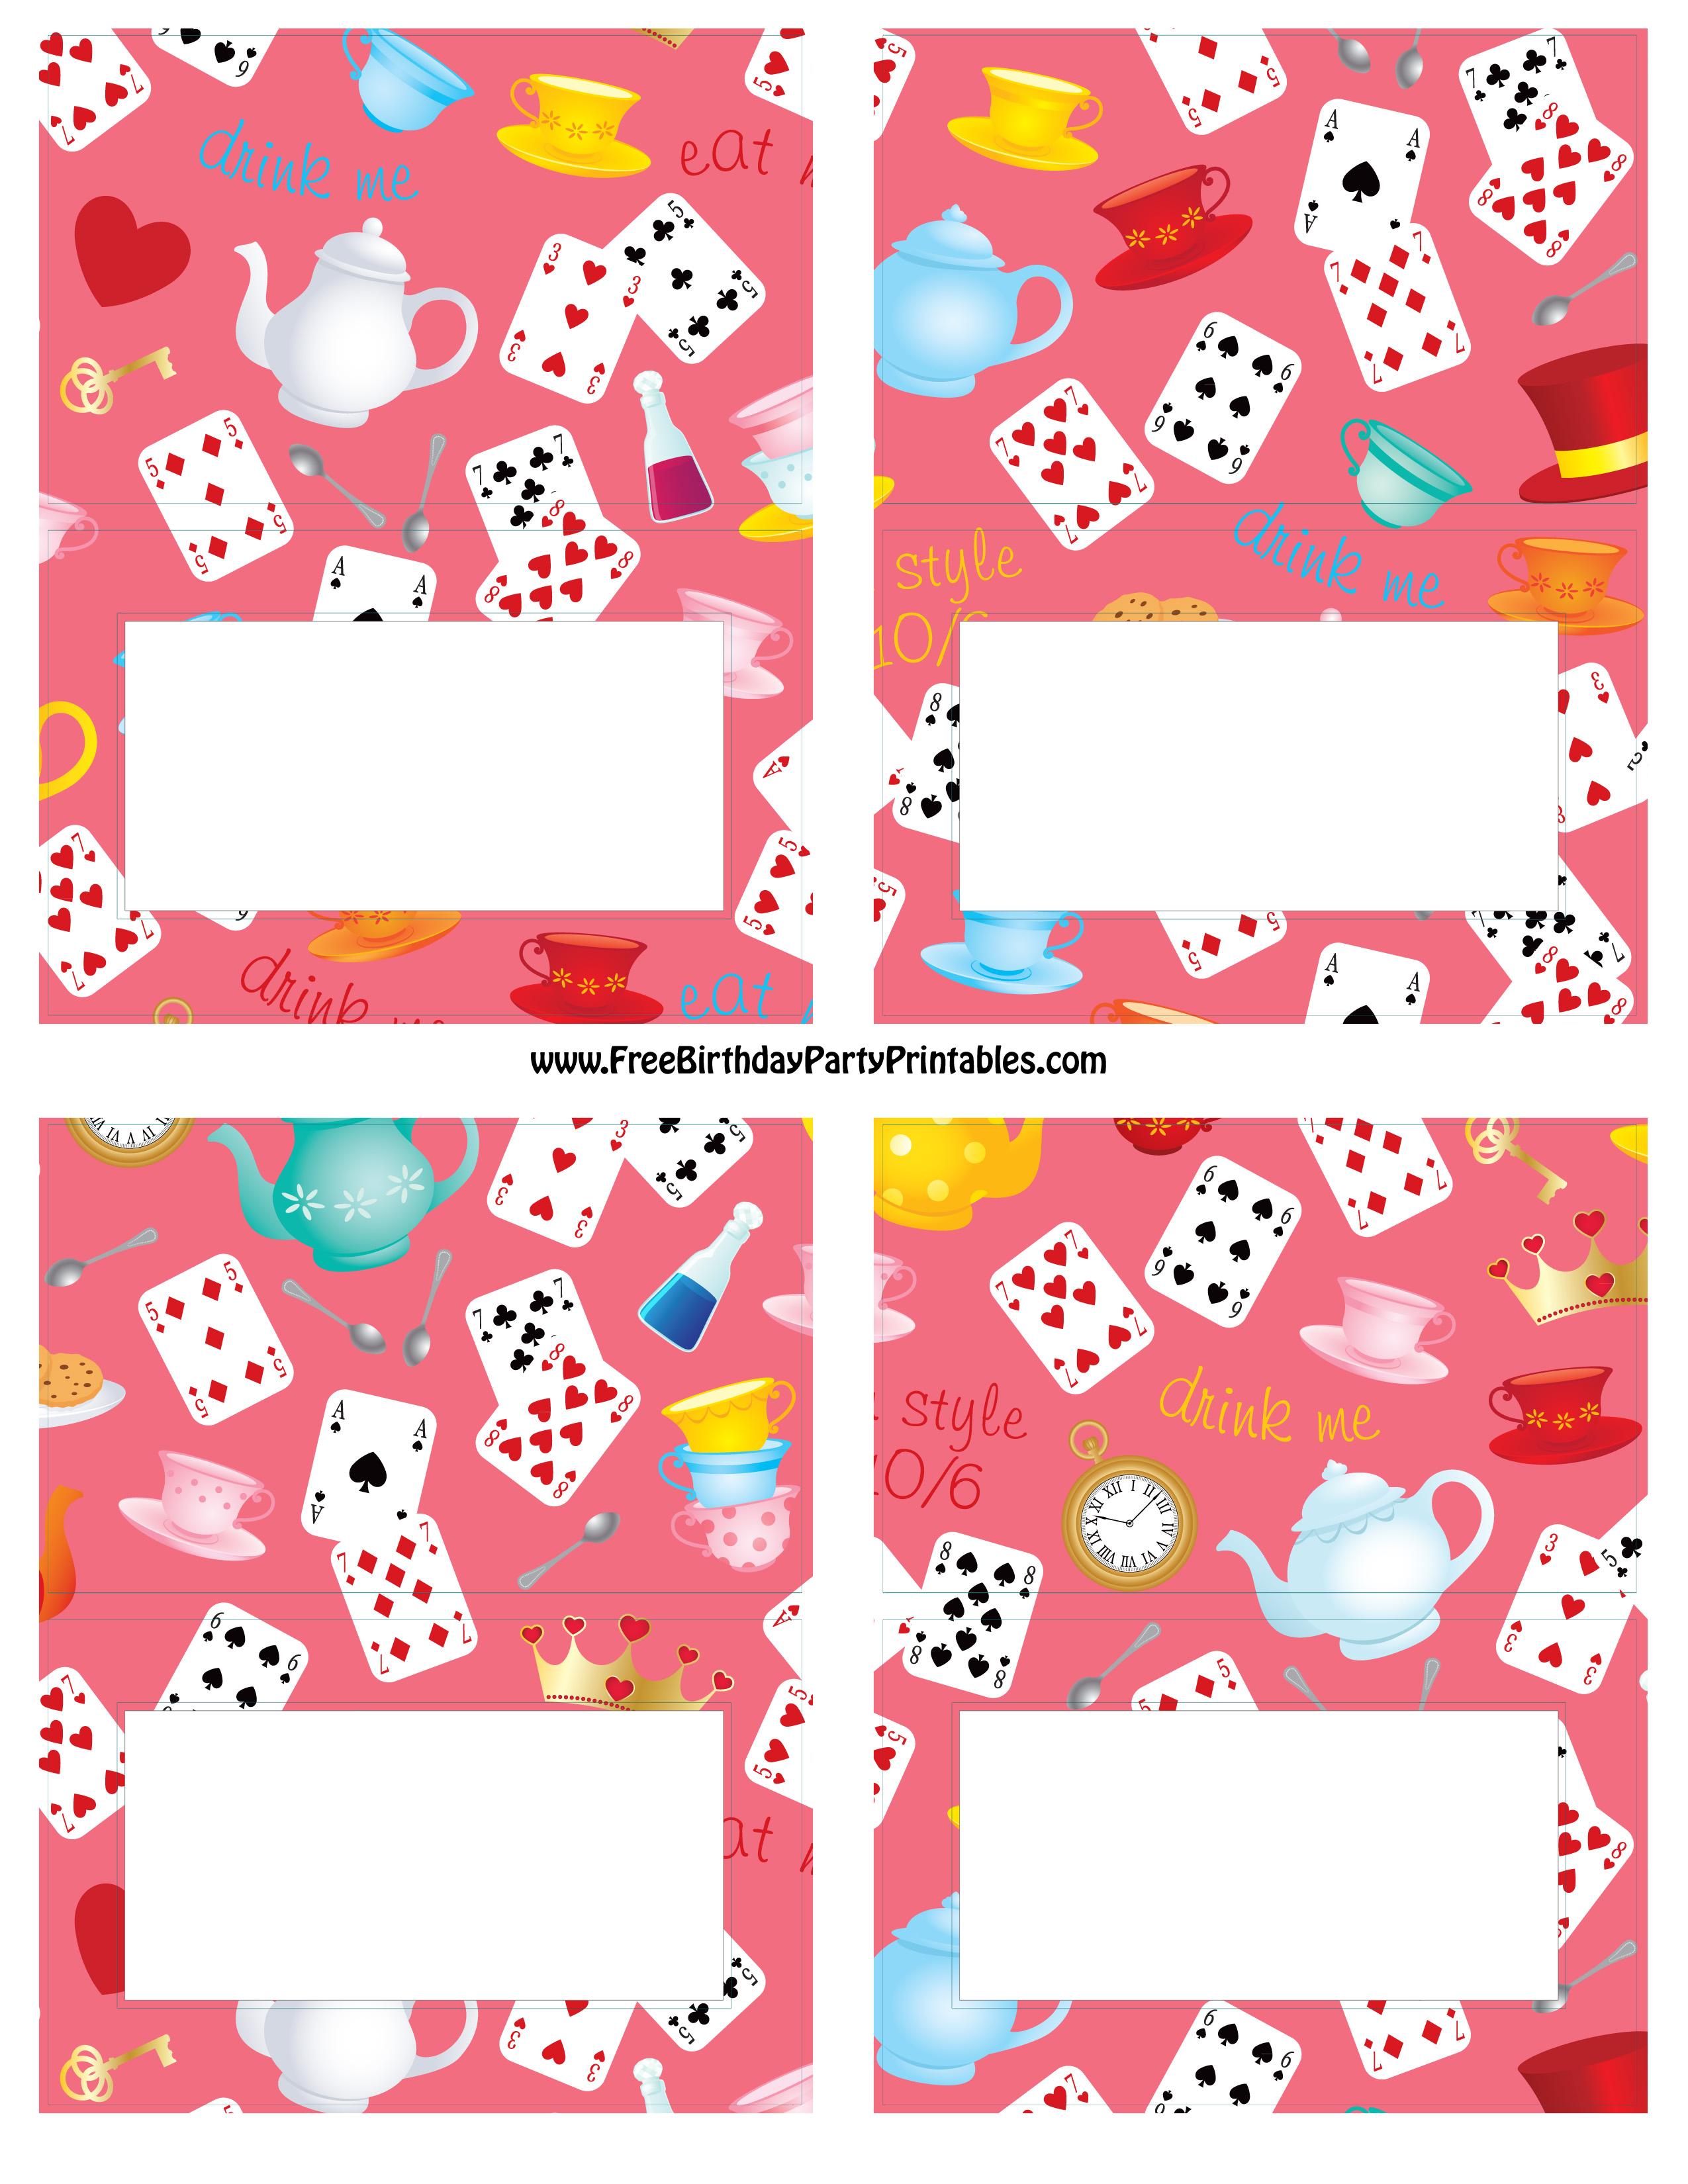 Pincrafty Annabelle On Alice In Wonderland Printables - Alice In Wonderland Signs Free Printable